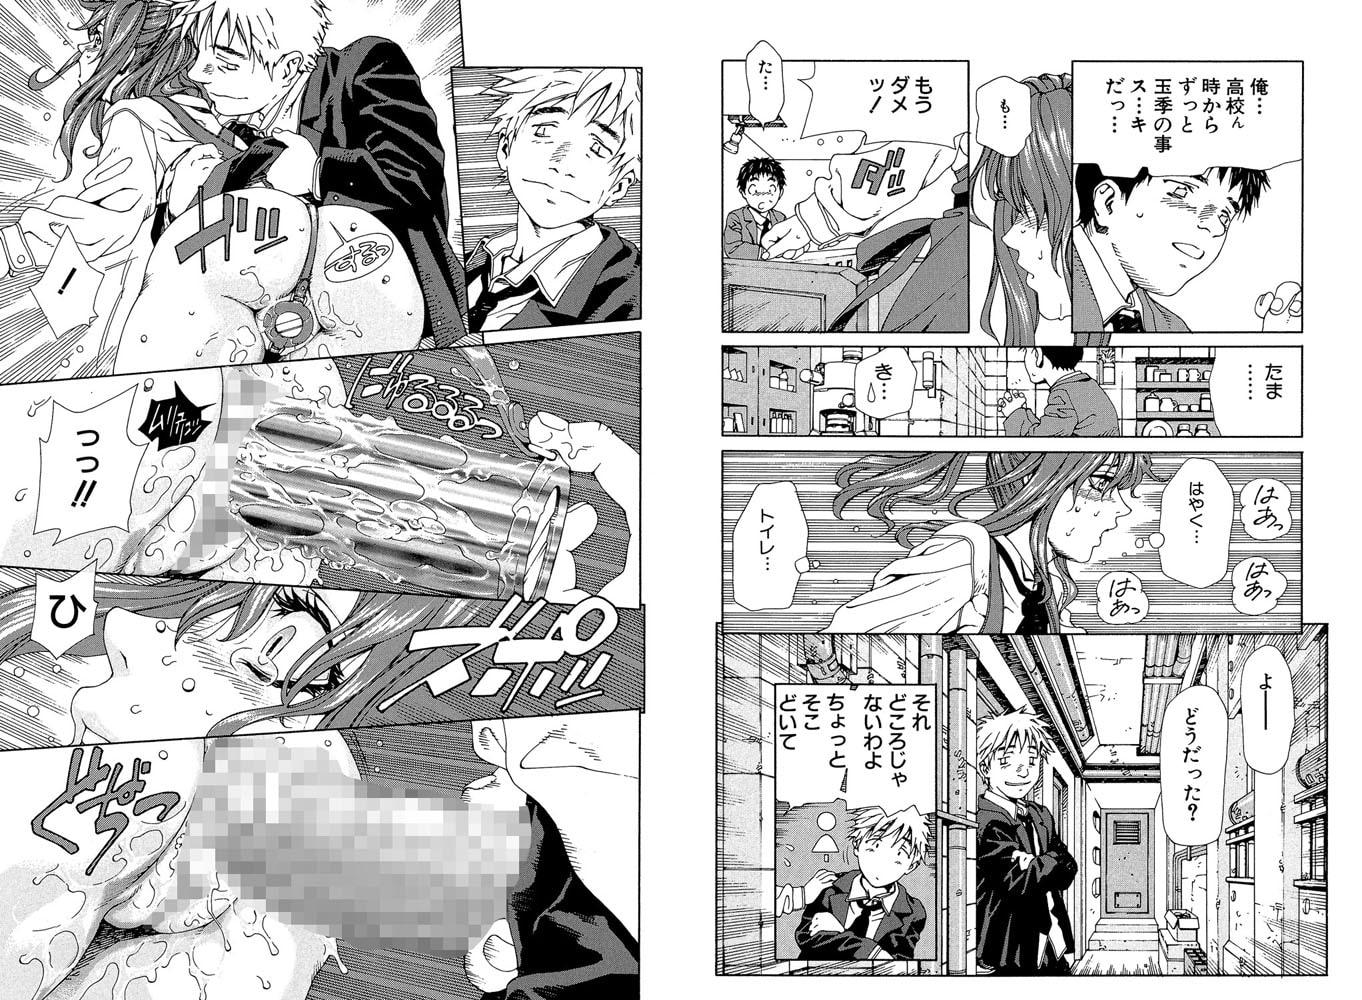 【ティーアイネット】世徒ゆうき先生 2冊パック(202005)